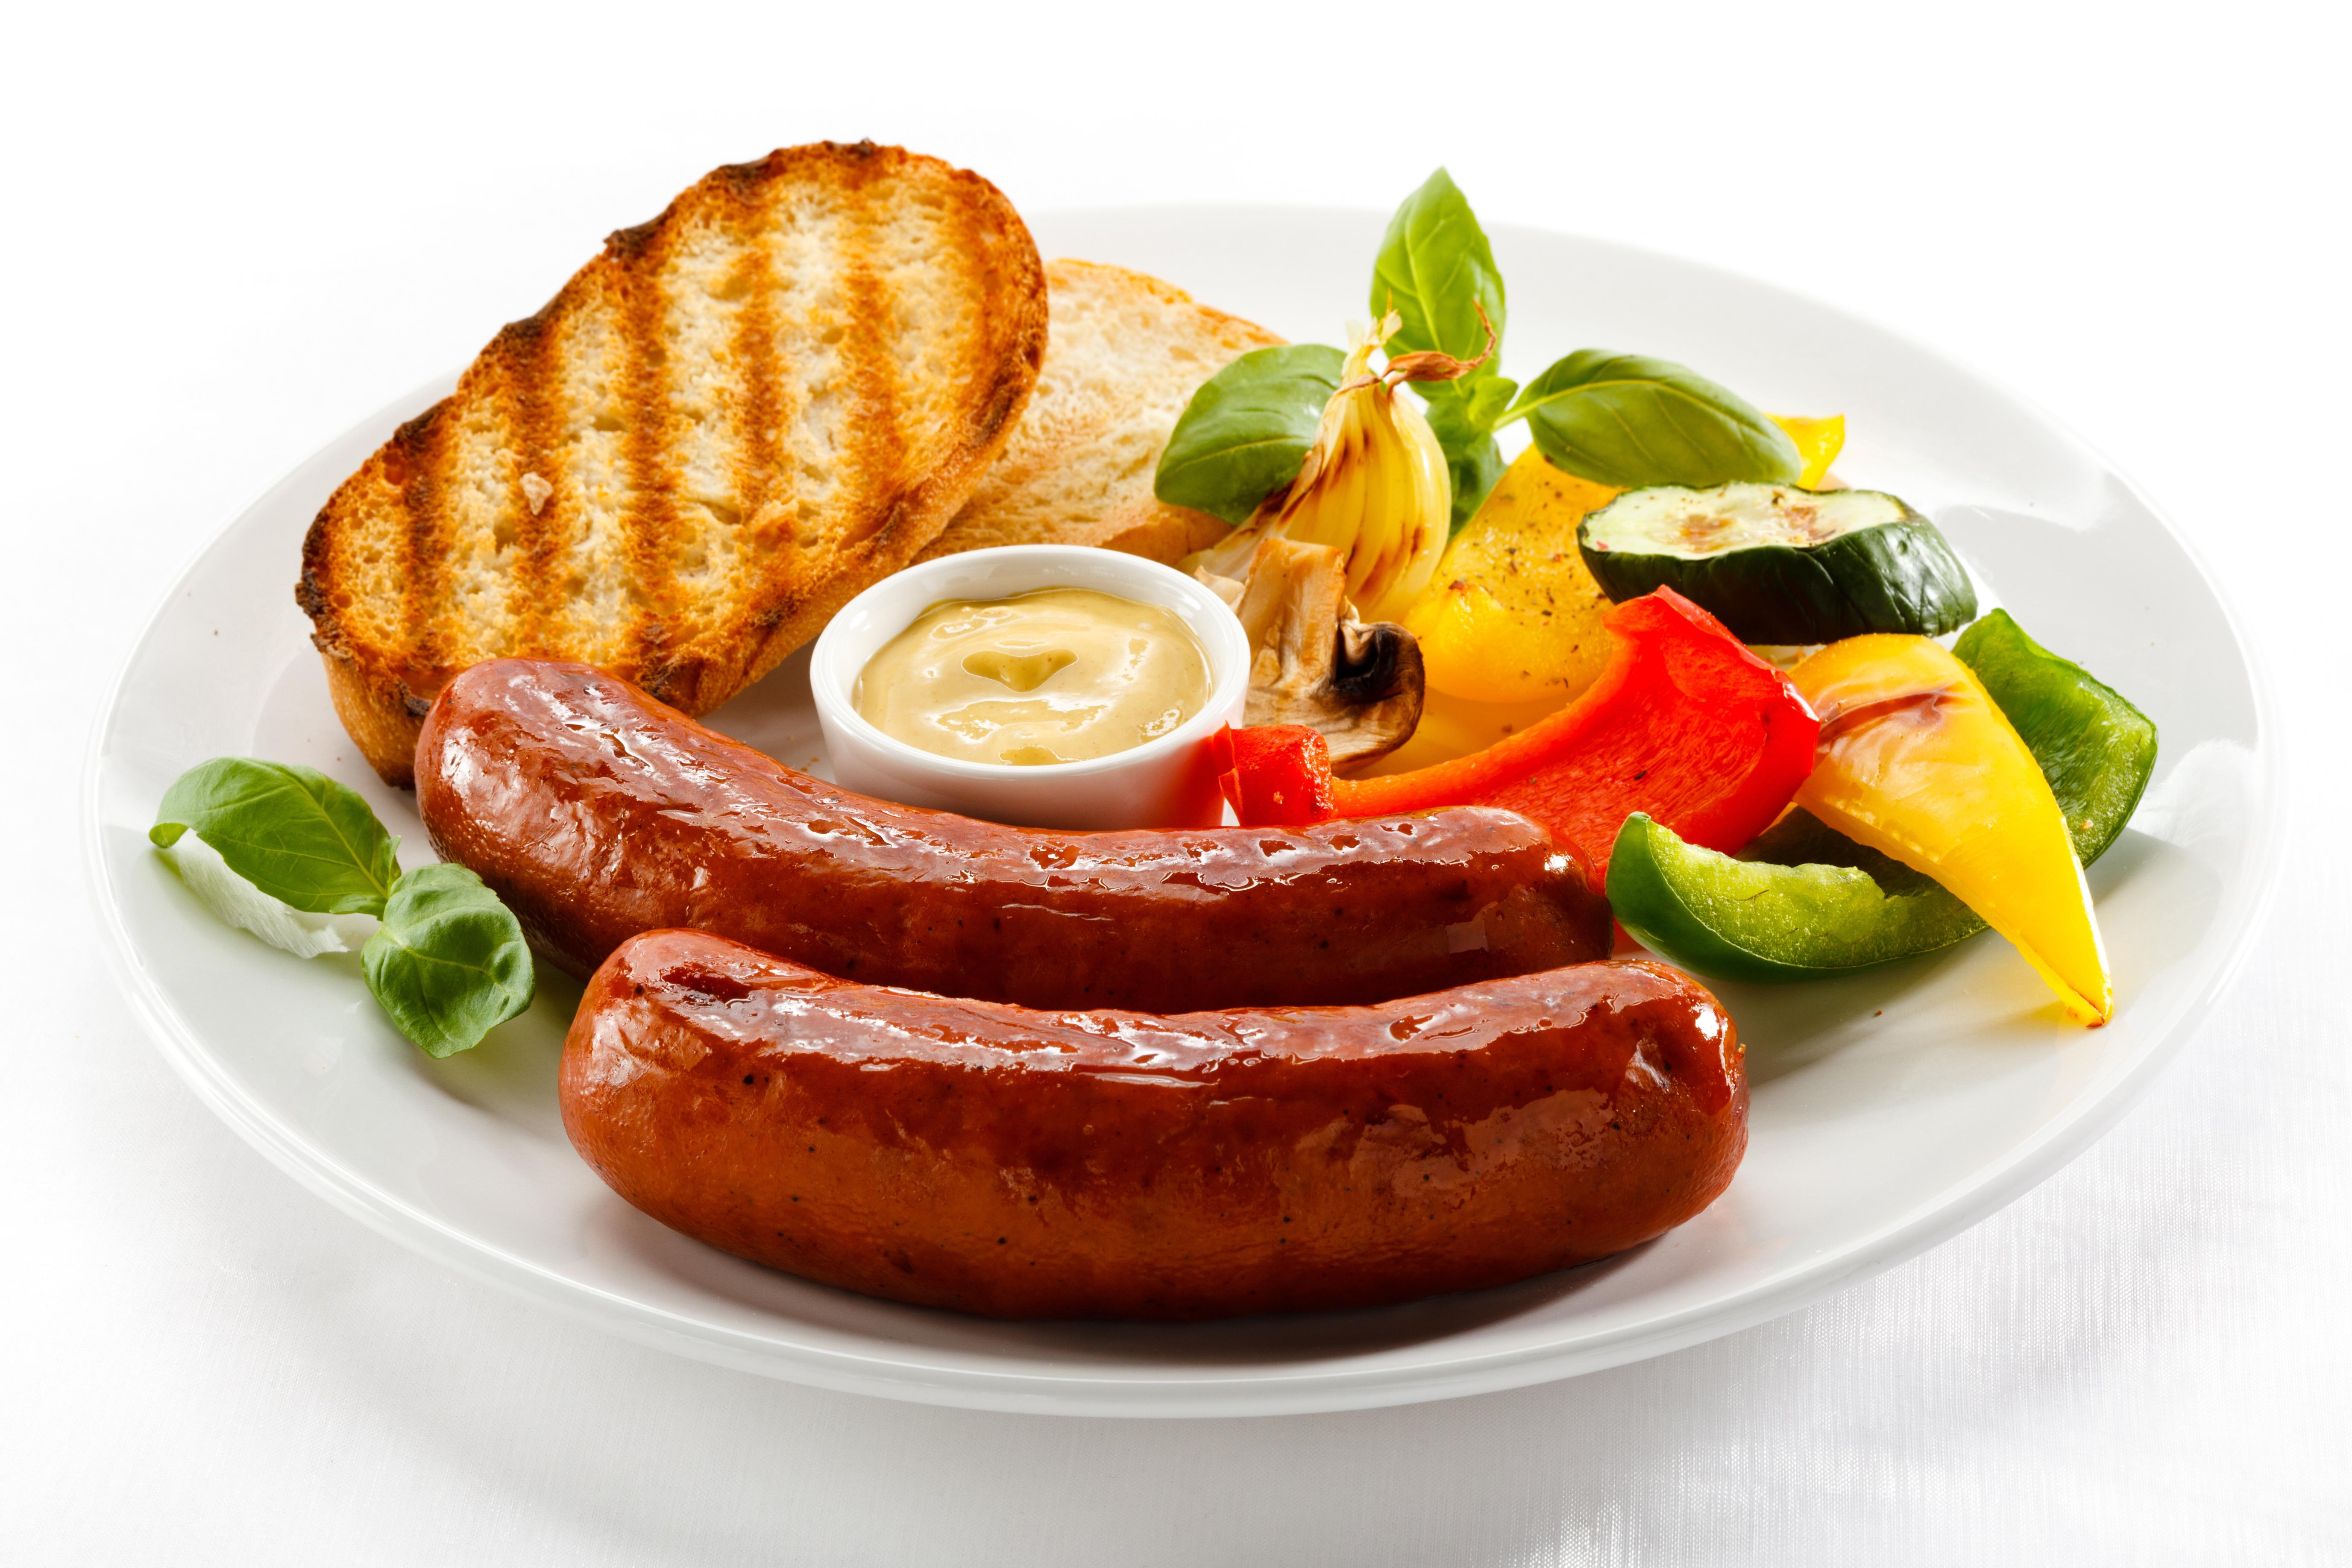 еда колбаса сосиски мясо салат  № 2121821 бесплатно